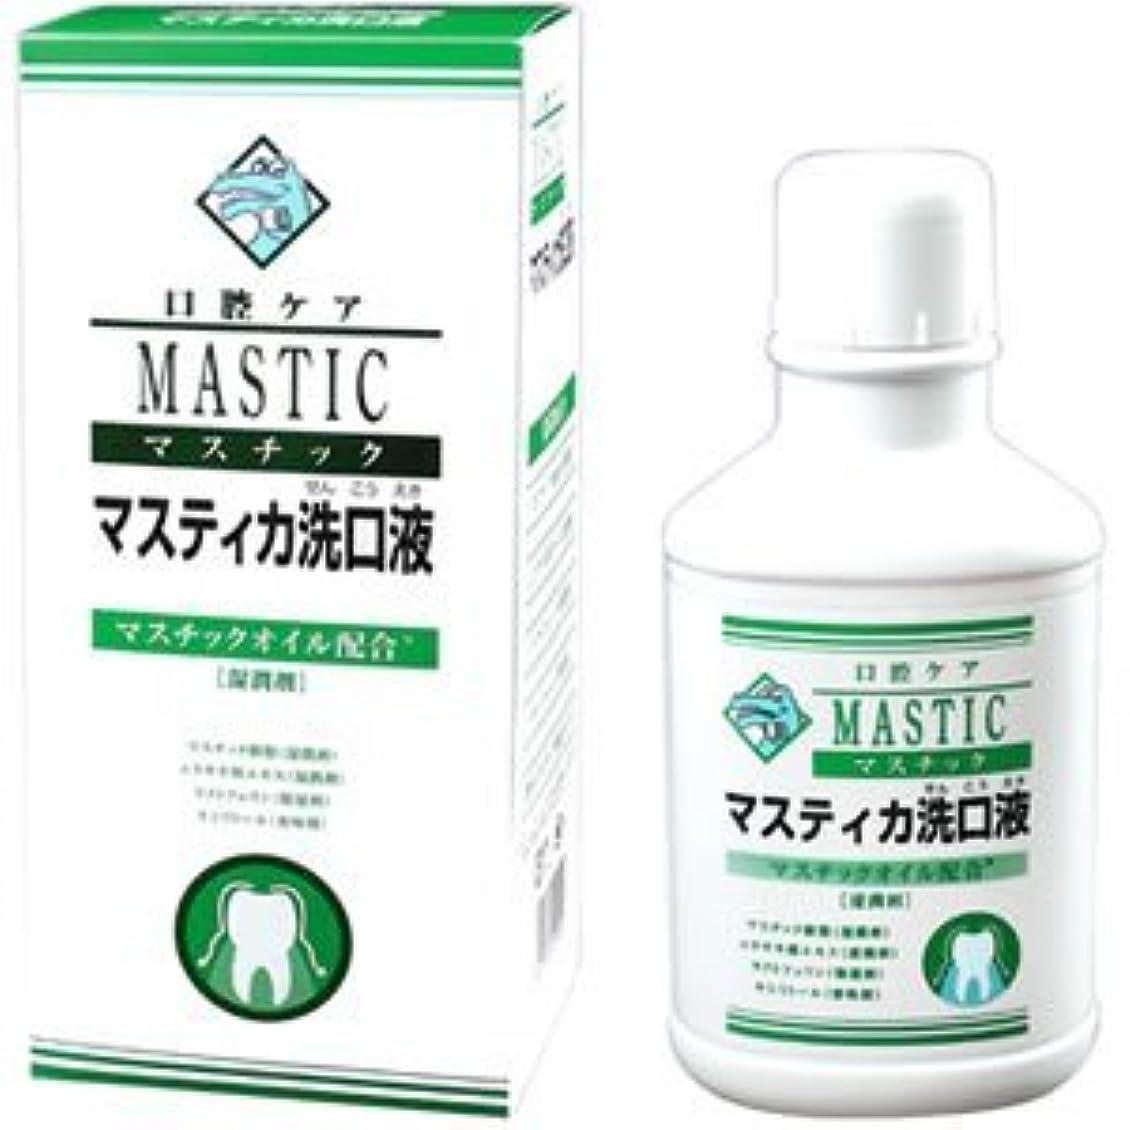 不健康契約する同様にマスチック マスティカ 洗口液 480mL